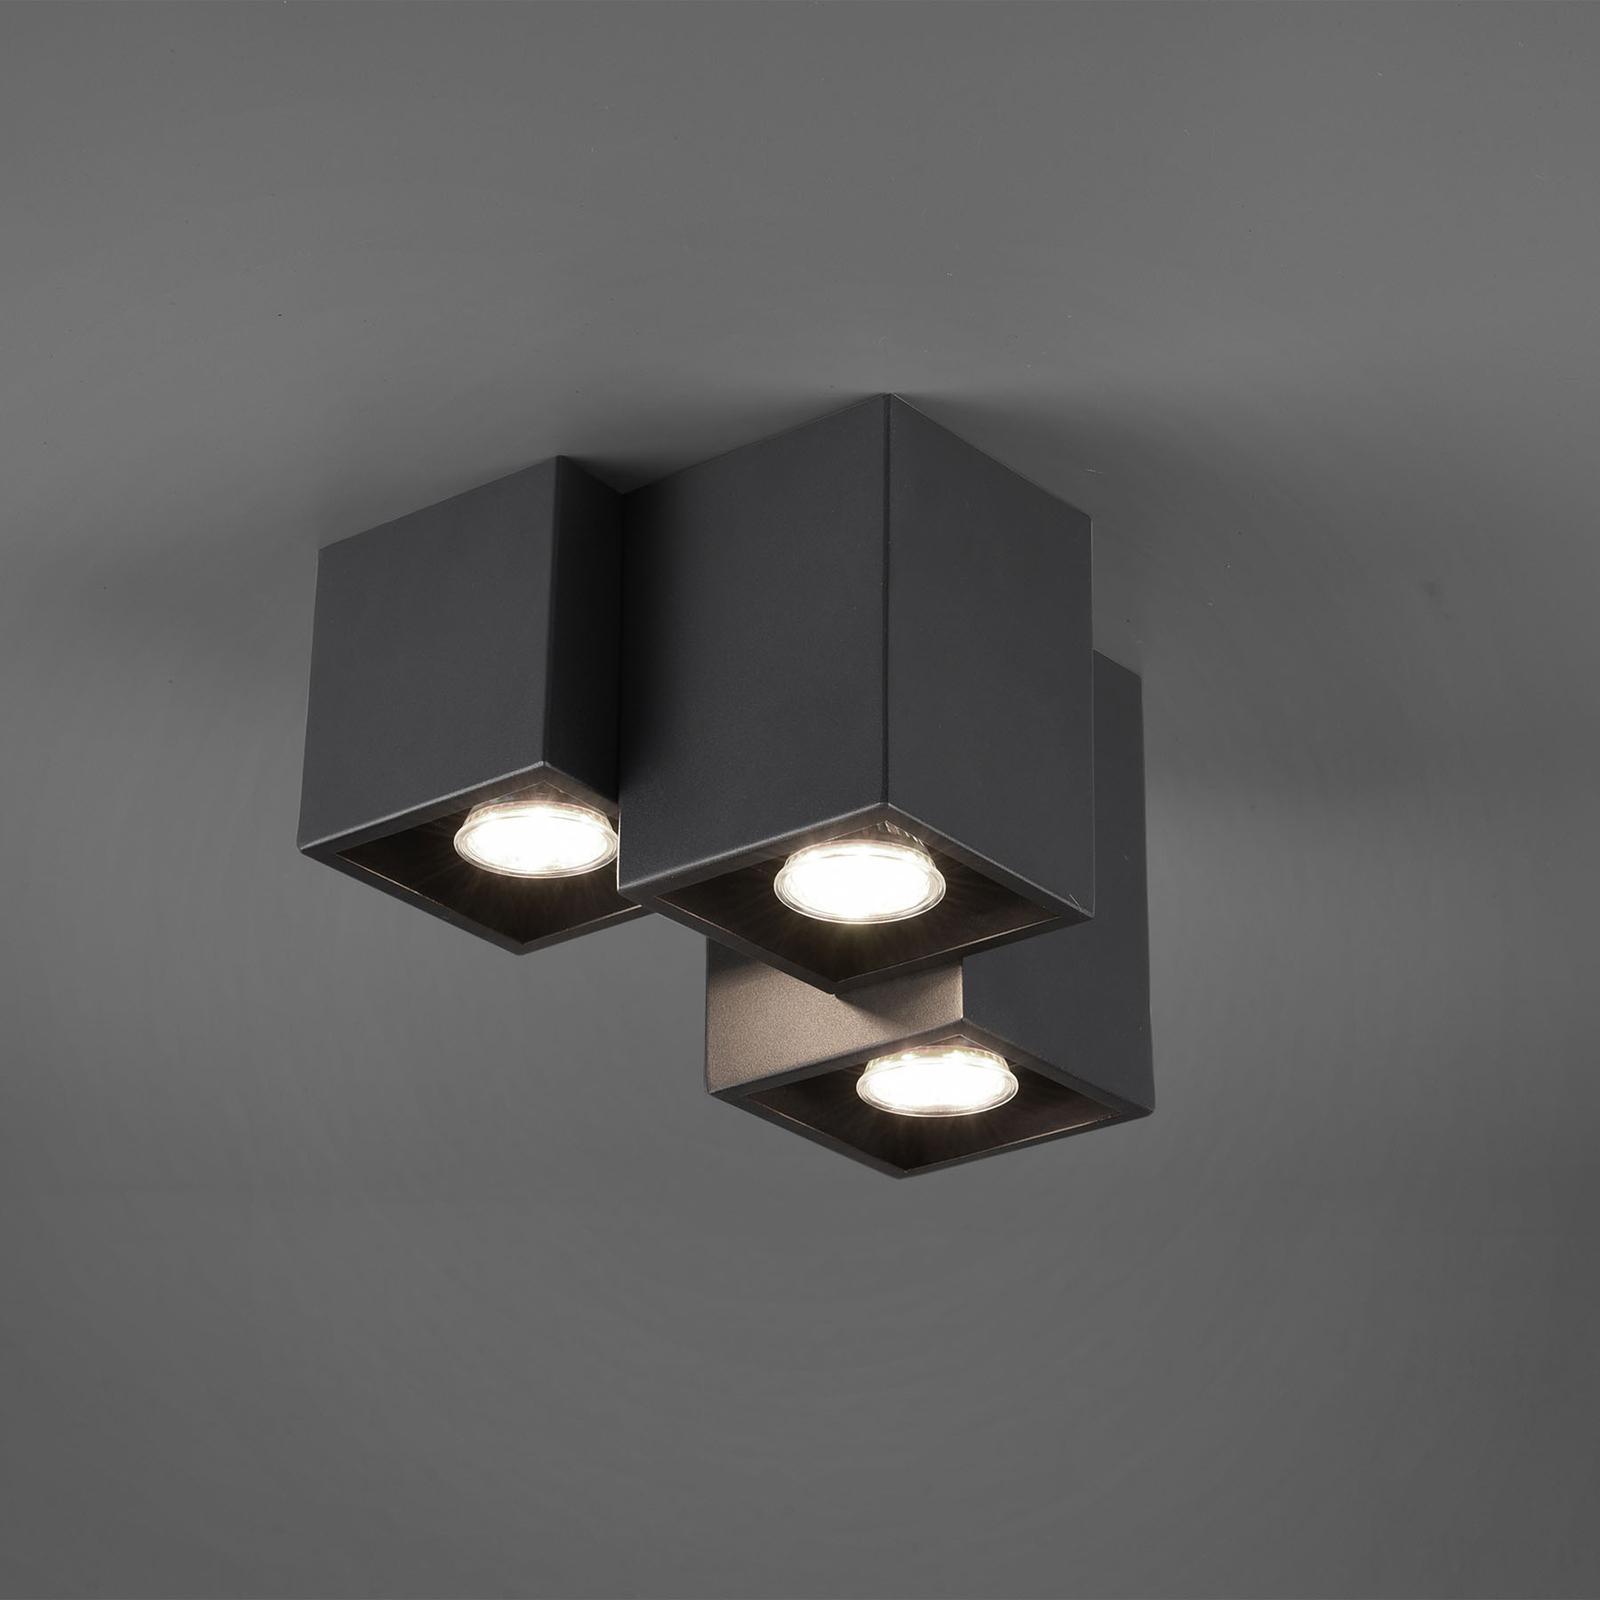 Plafonnier Fernando, 3 lampes, noir mat